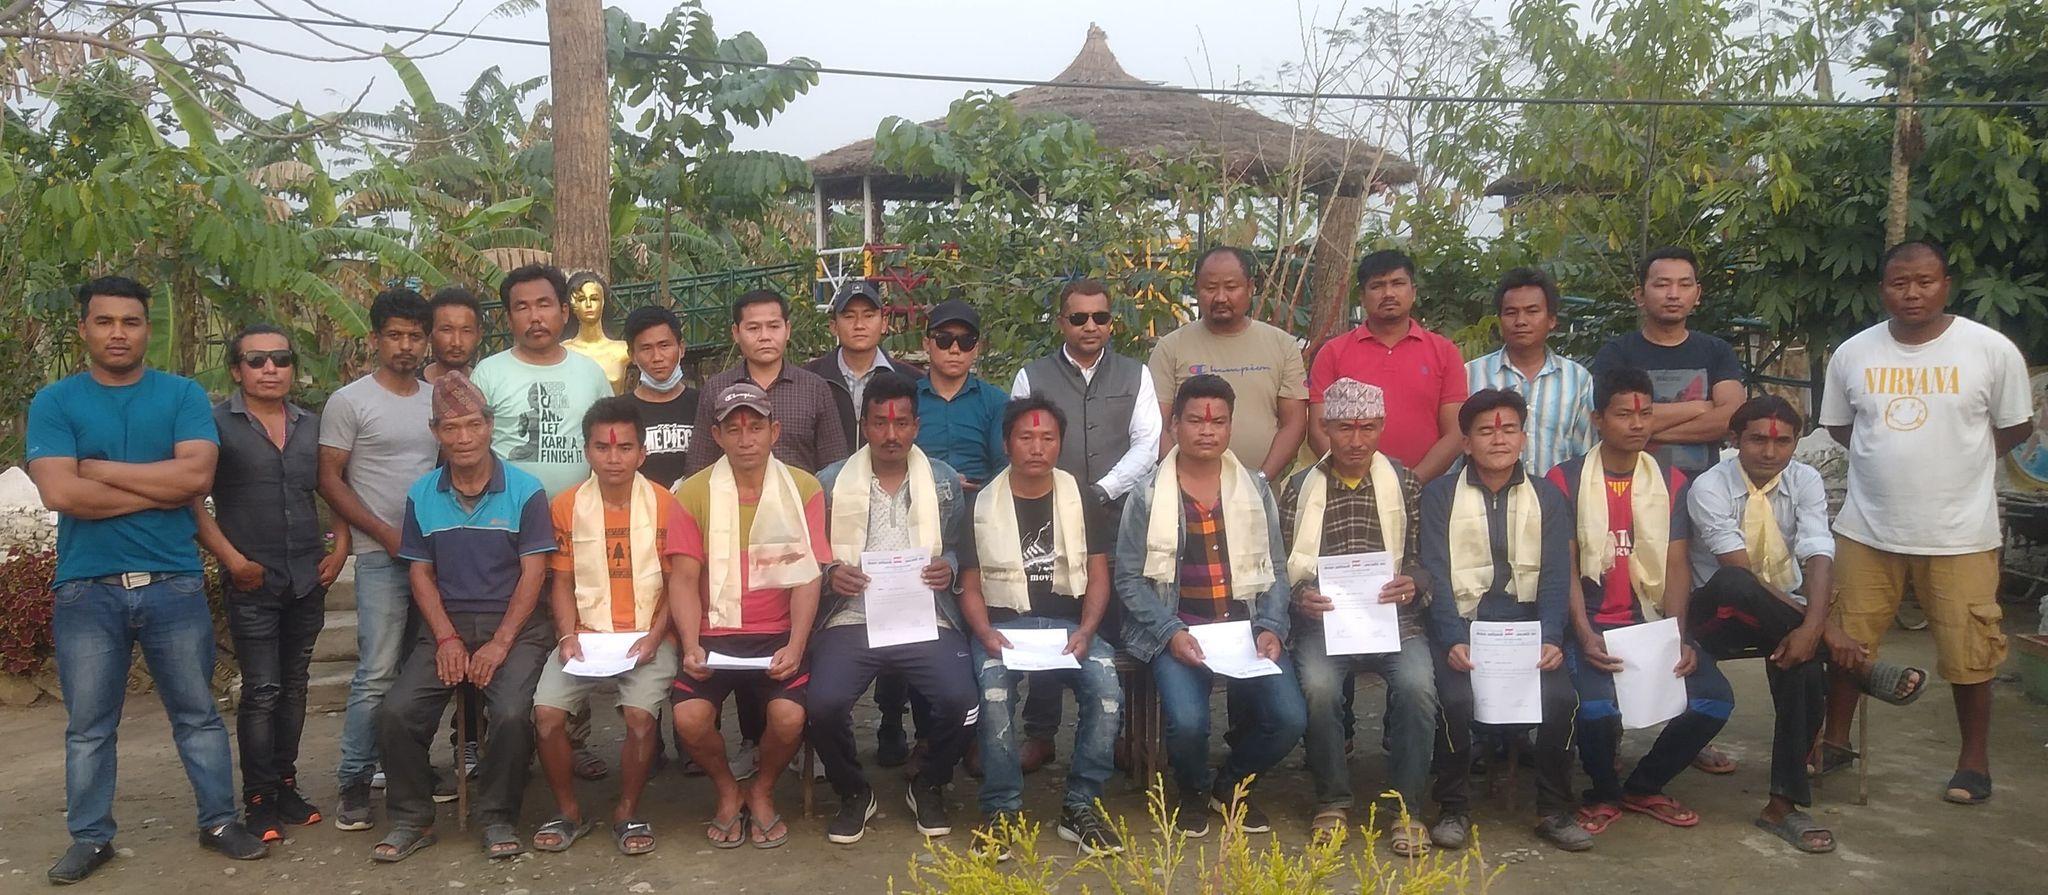 बस्नेतको प्रमुख आतिथ्यत्यमा नेपाल आदिवासी जनजाति संघ वडा कमिटि विस्तार